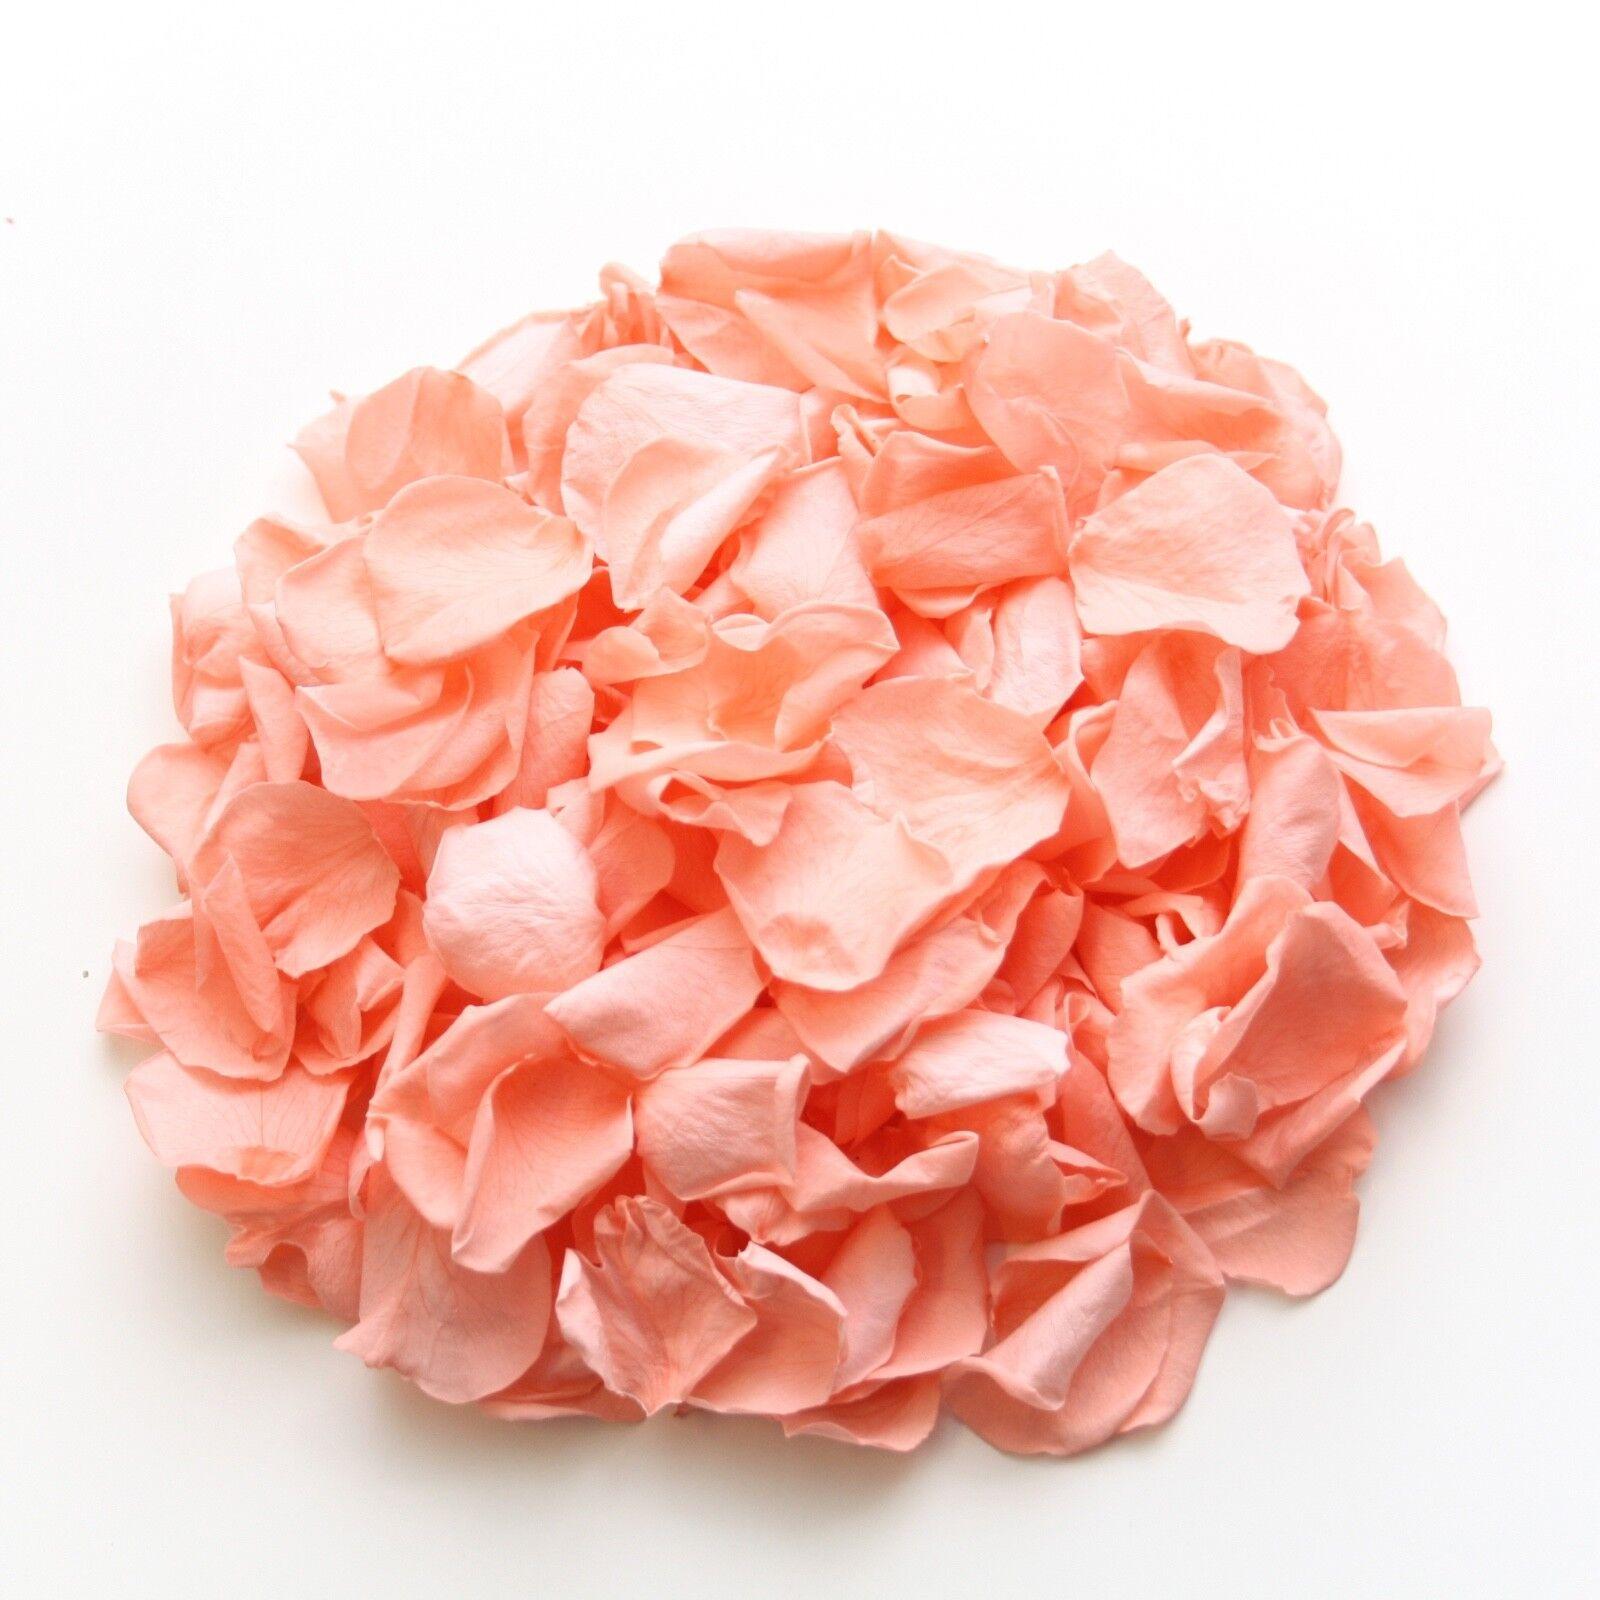 Corail Corail Corail Naturel Biodégradable Pétales de Rose/Mariage Confettis/Décoration | Structurels élégantes  137a55